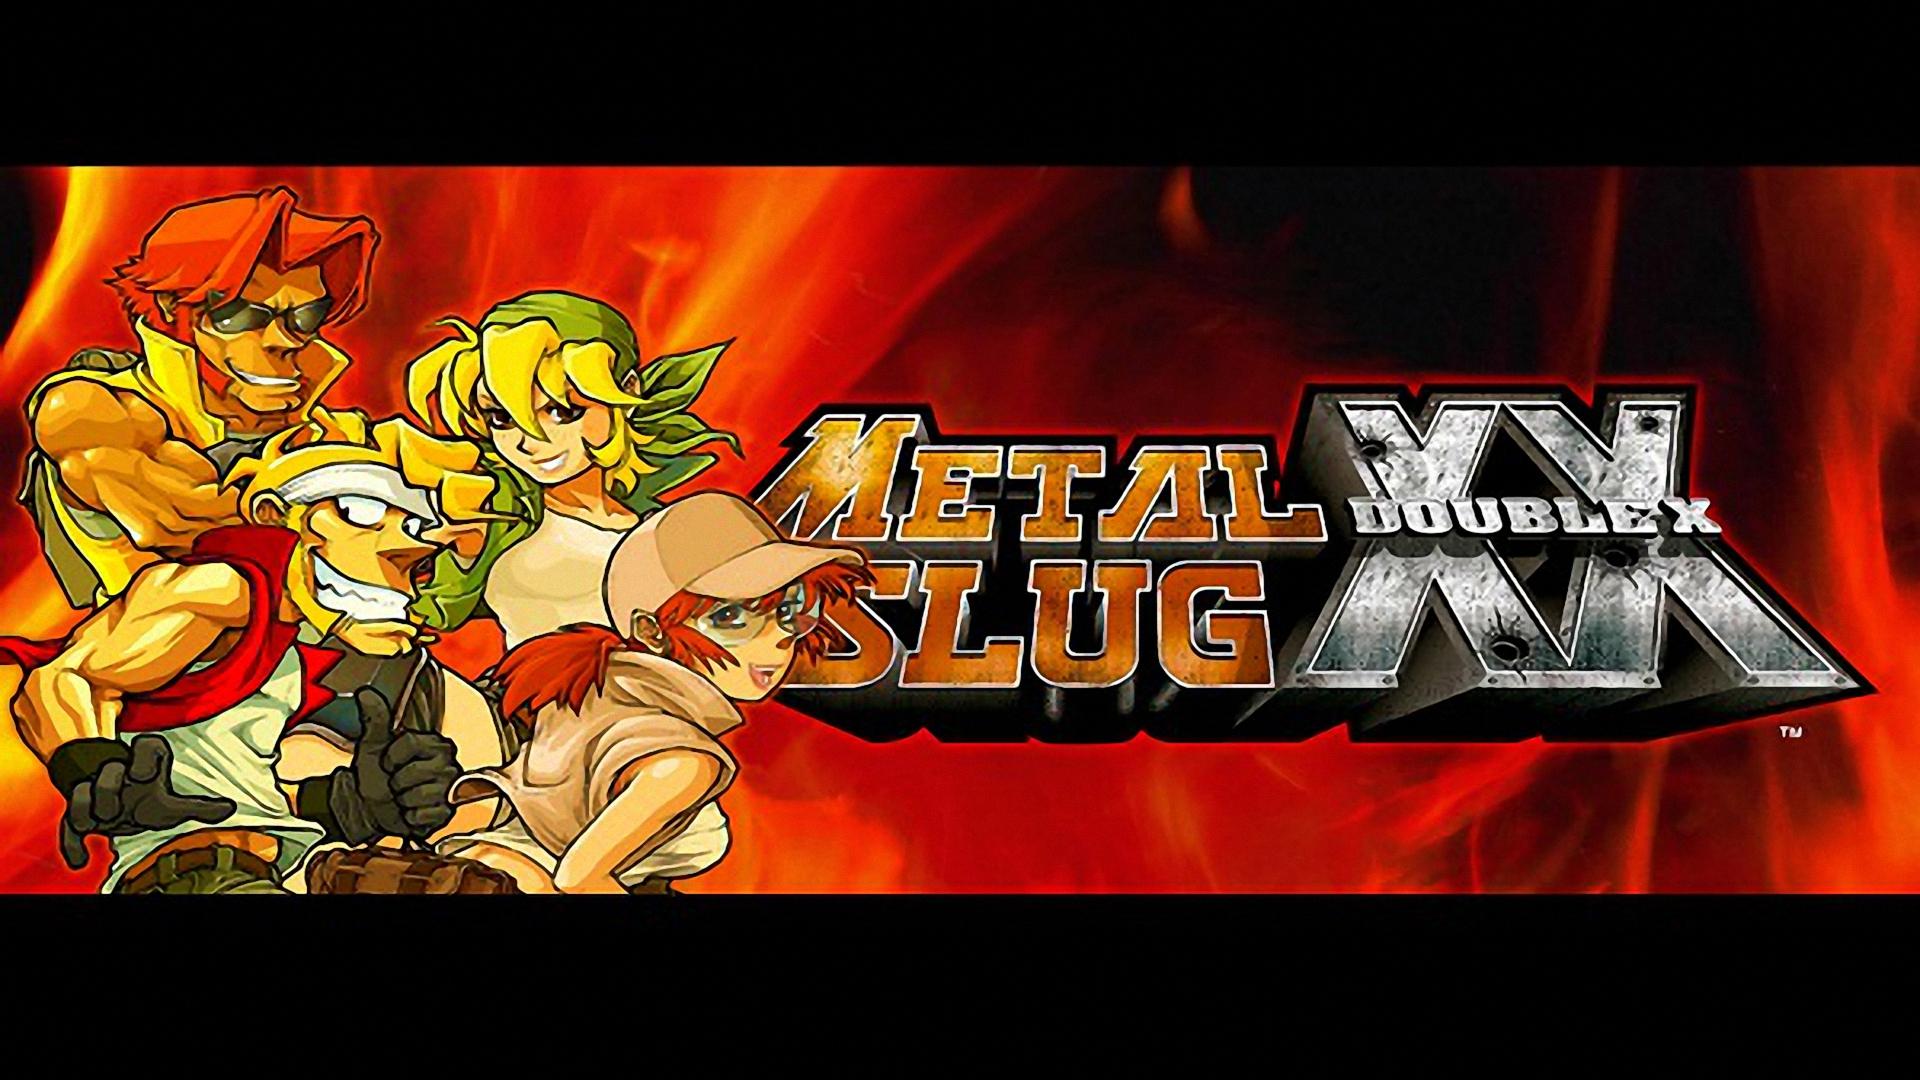 metal slug xx details